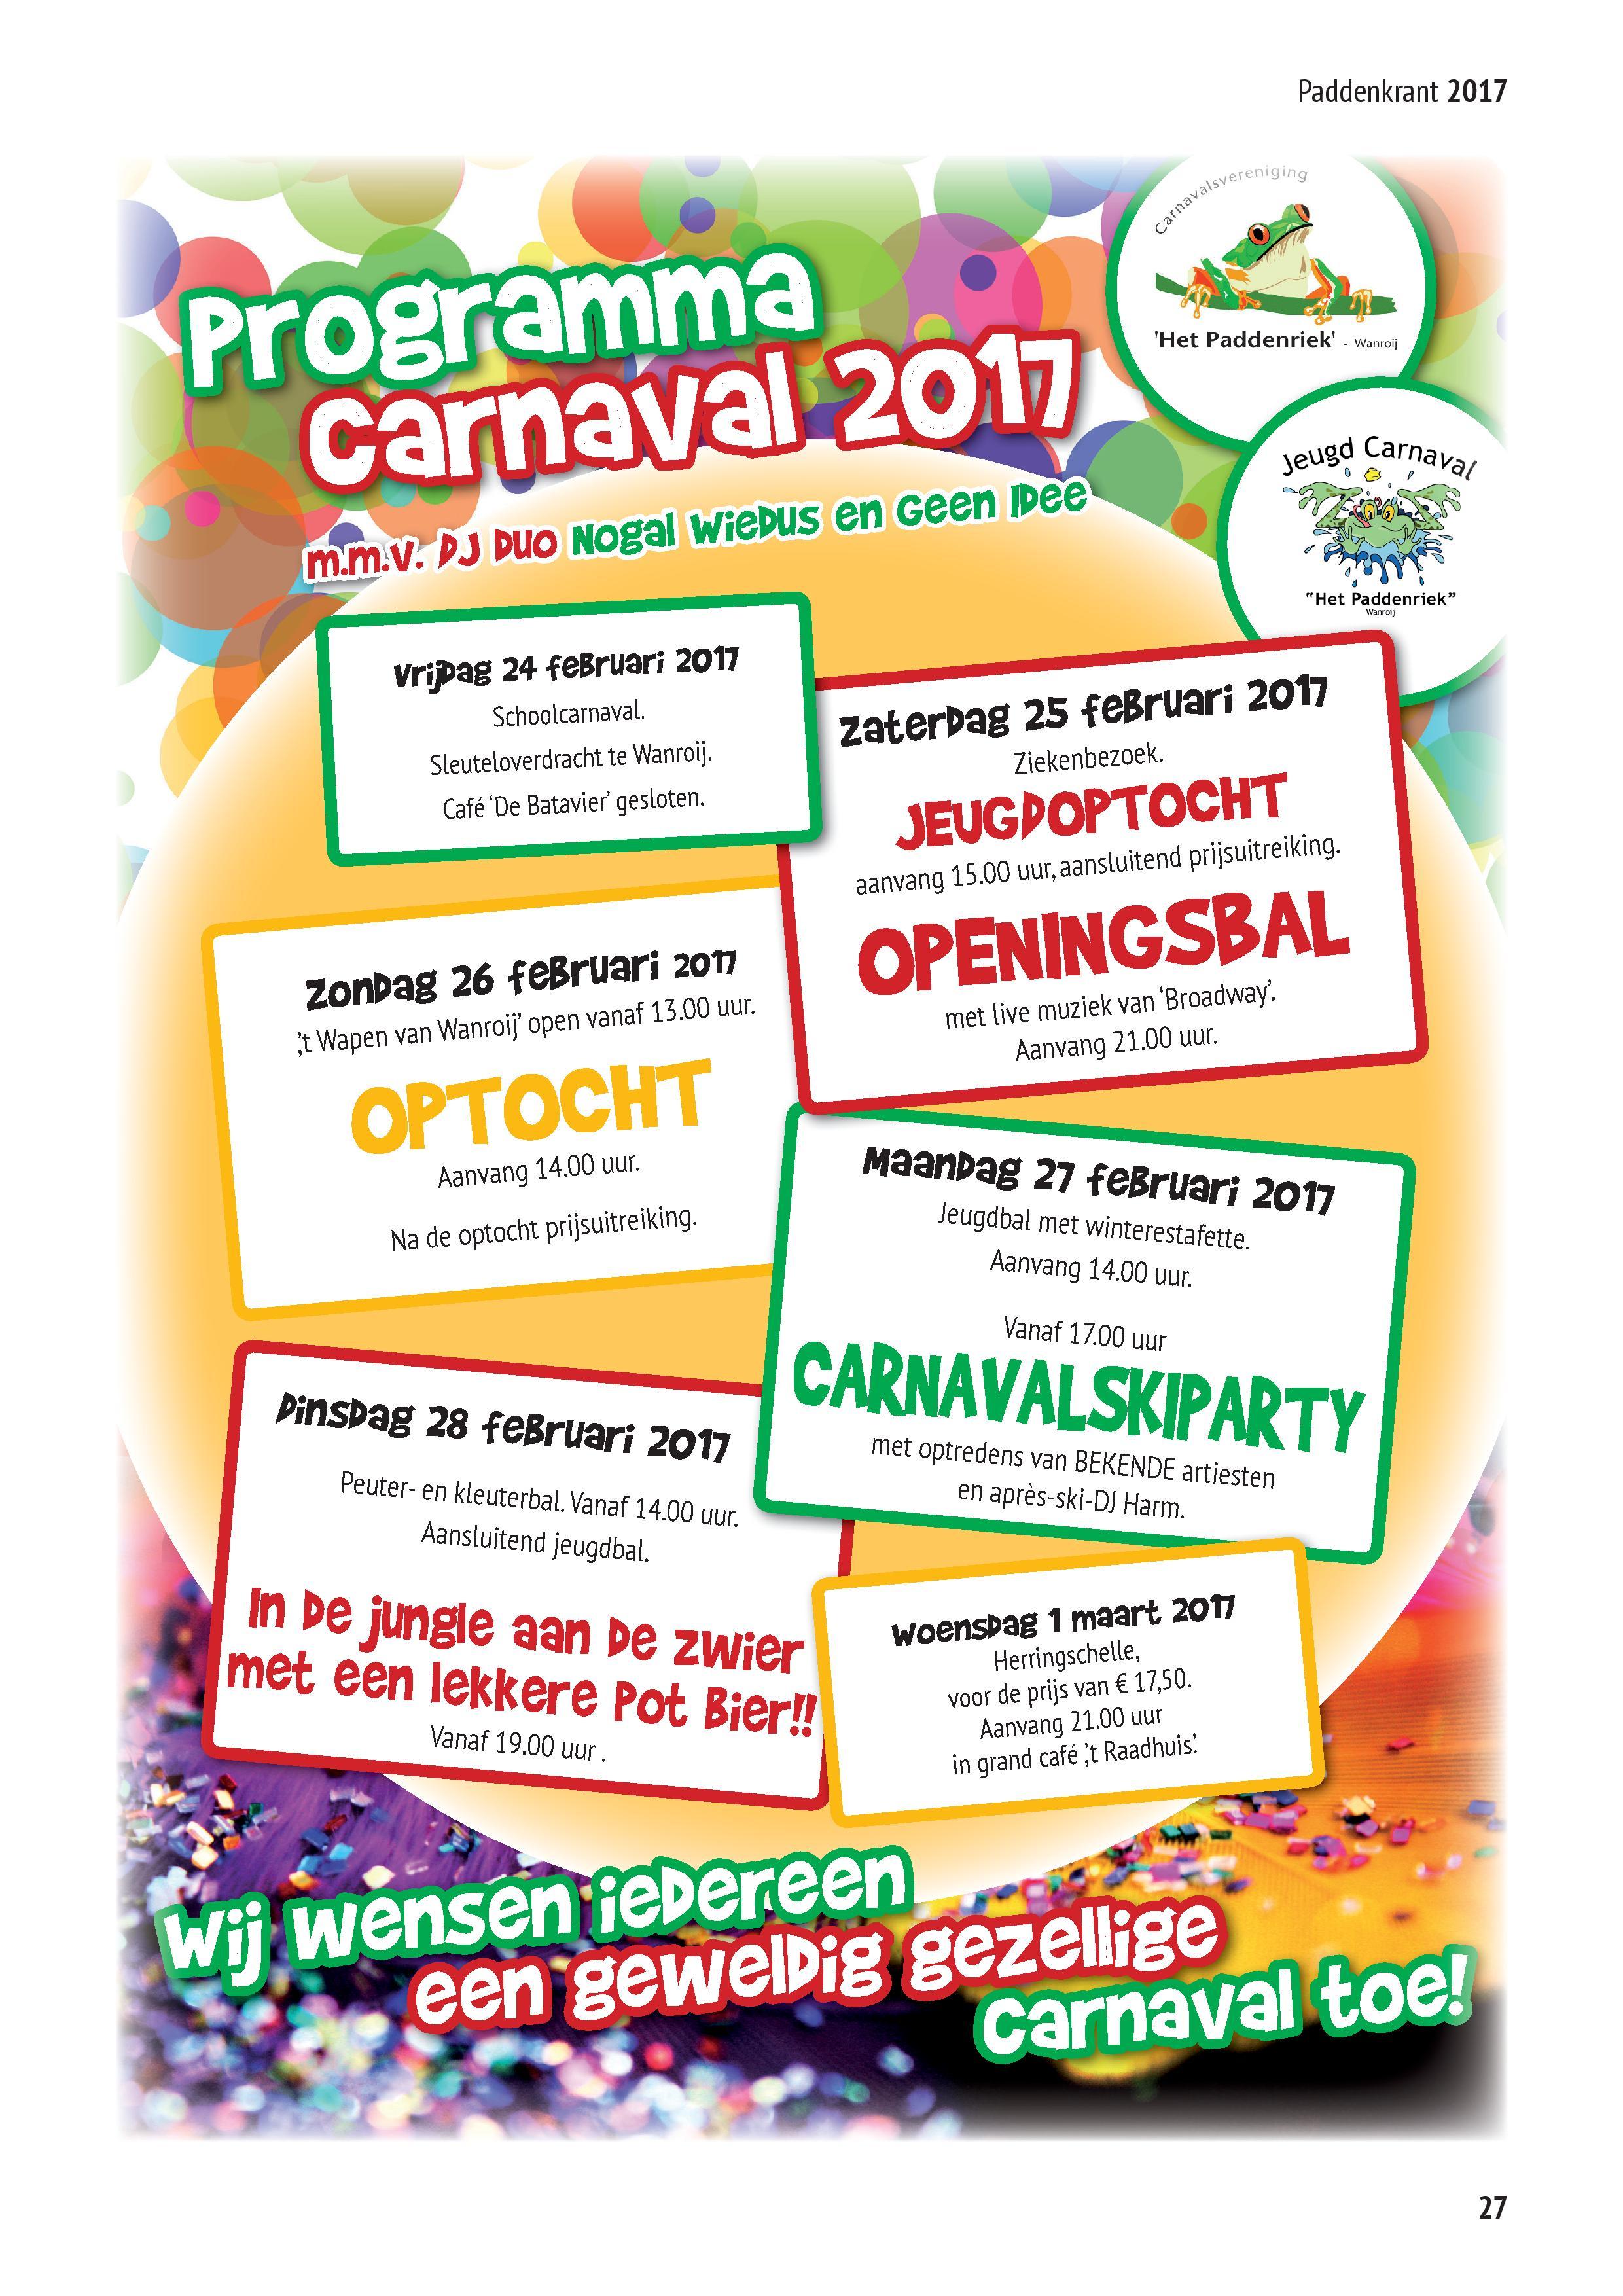 Programma Carnaval 2017